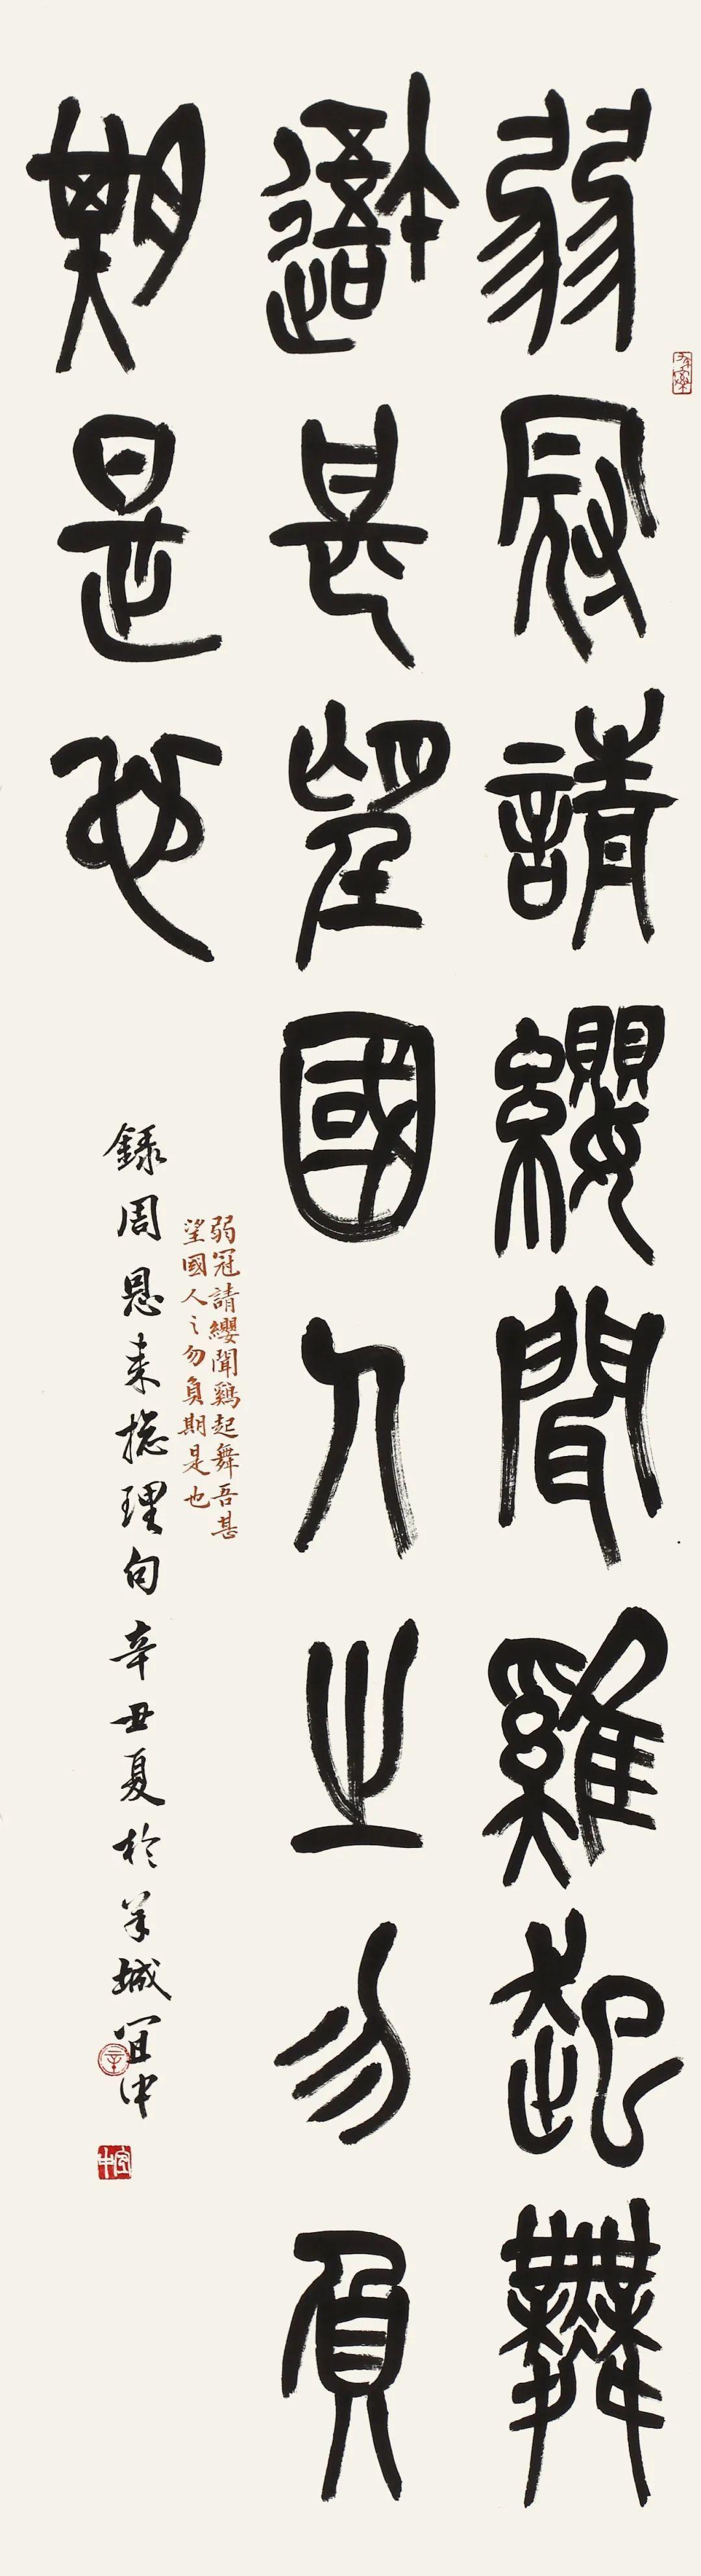 广东省书法家协会会员、广州市书法家协会会员、广州羊城书法研究会理事、广州致公书画院书法家辛宜中